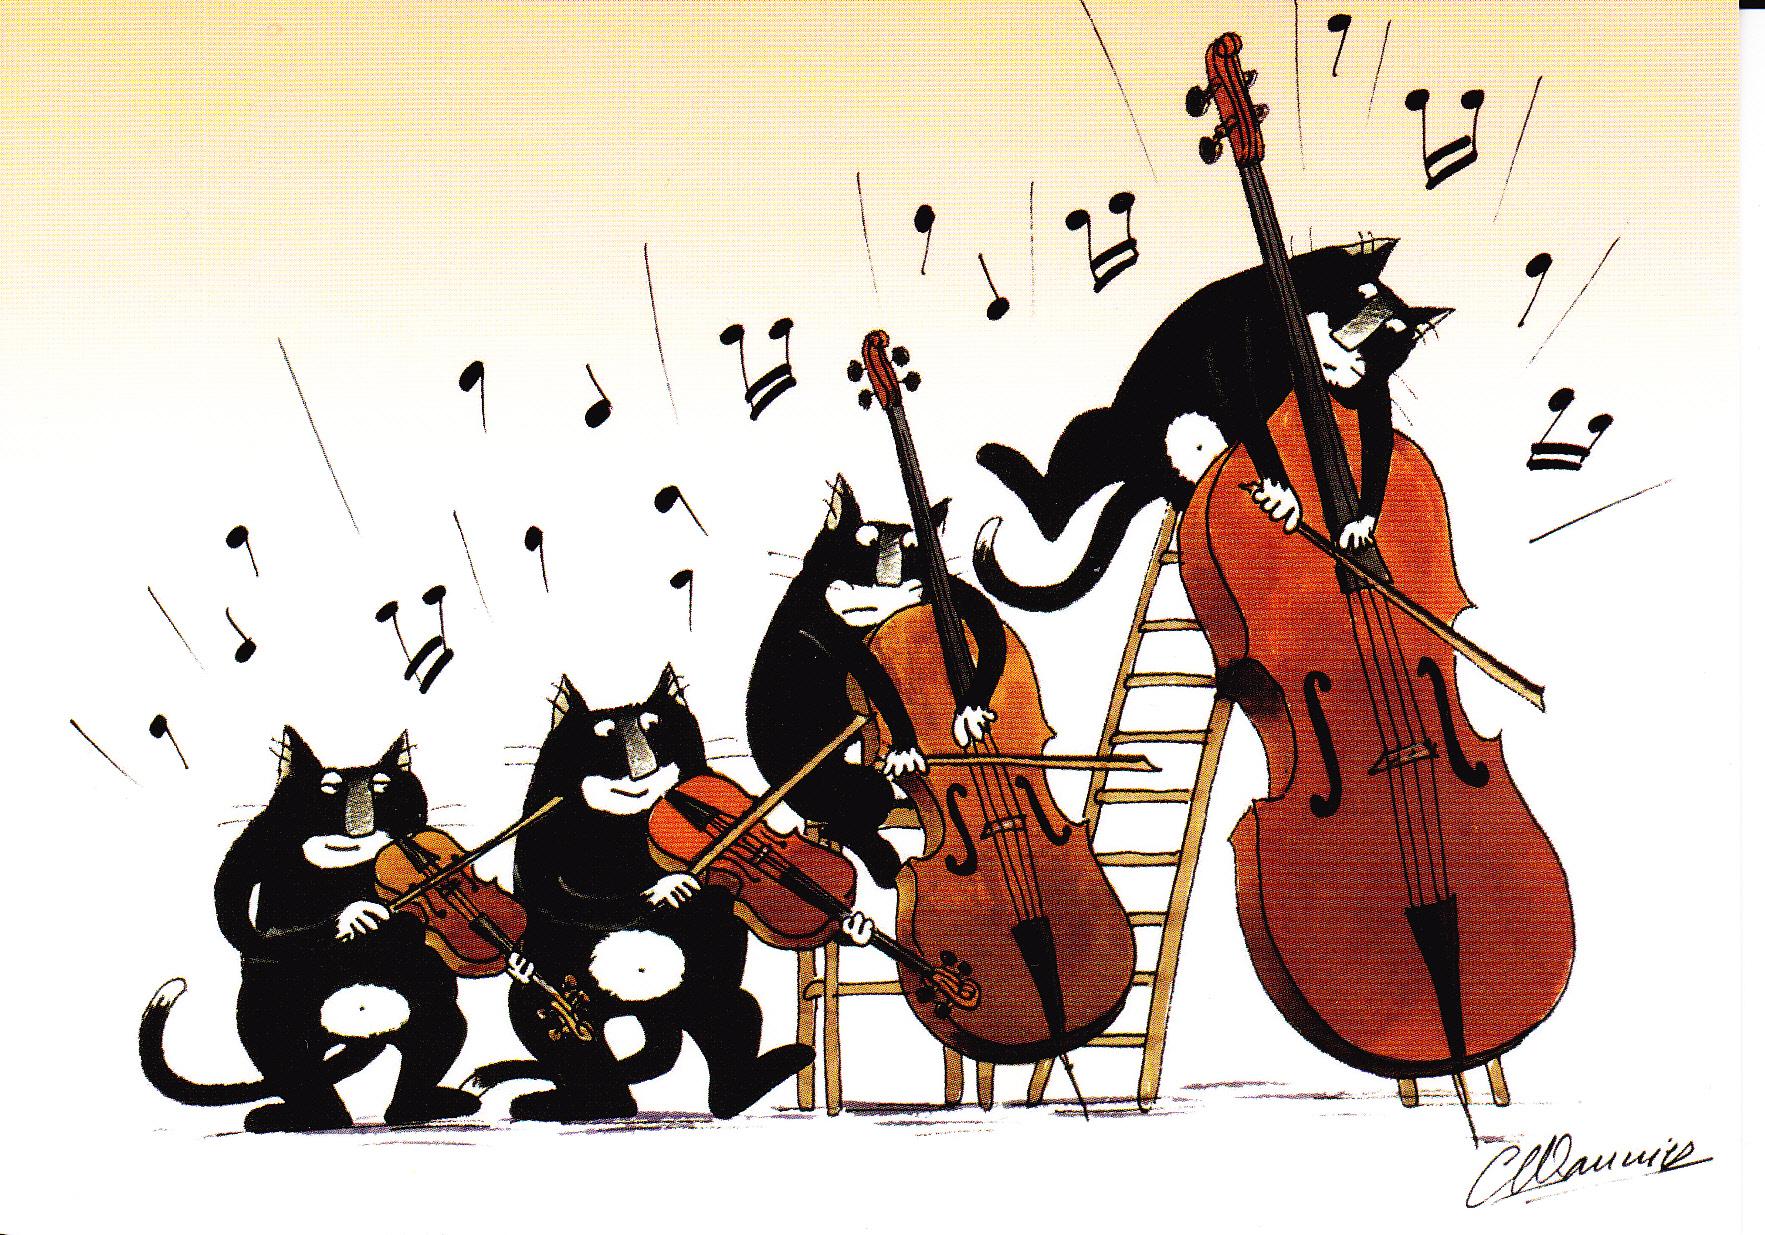 Les chats musiciens prince petit chat perdu - Dessin musicien ...